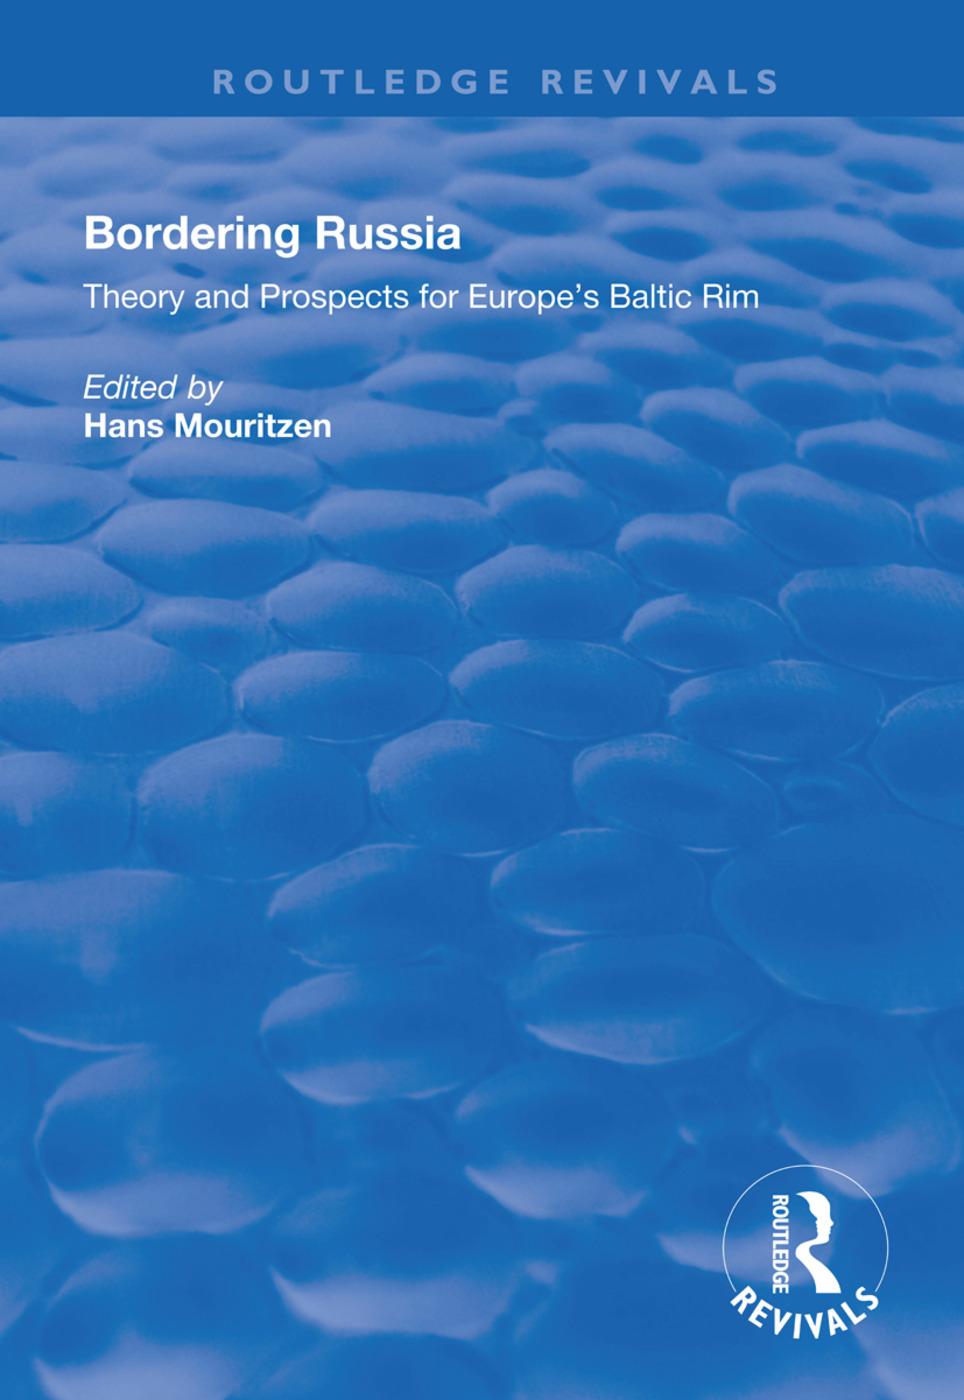 Bordering Russia